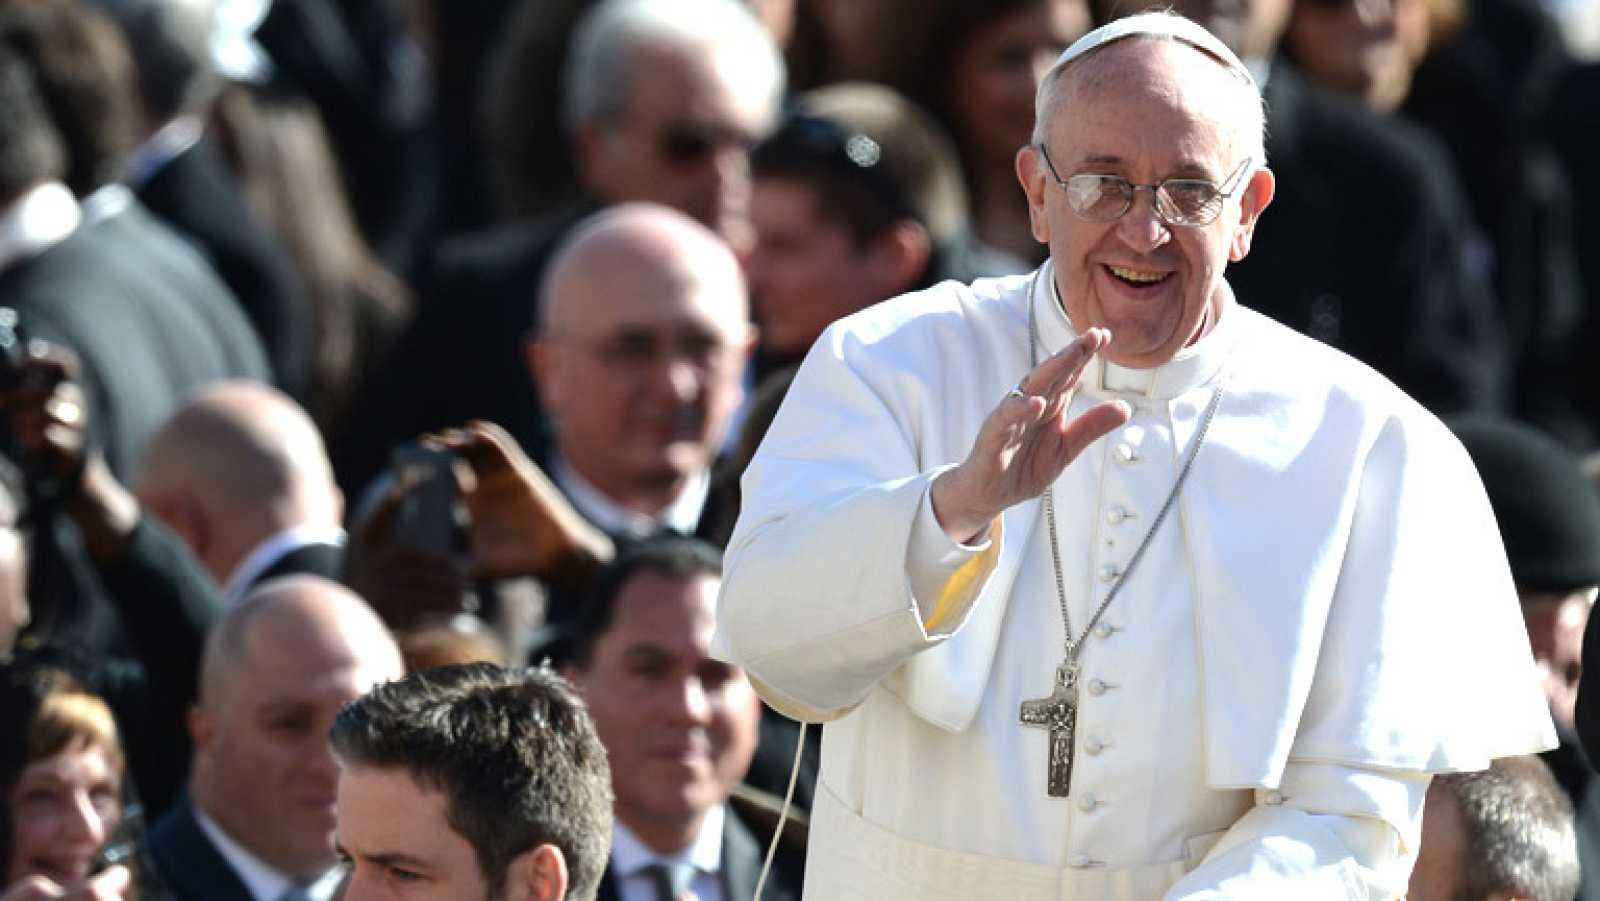 El Papa Francisco lanza a políticos y empresarios un mensaje de responsabilidad